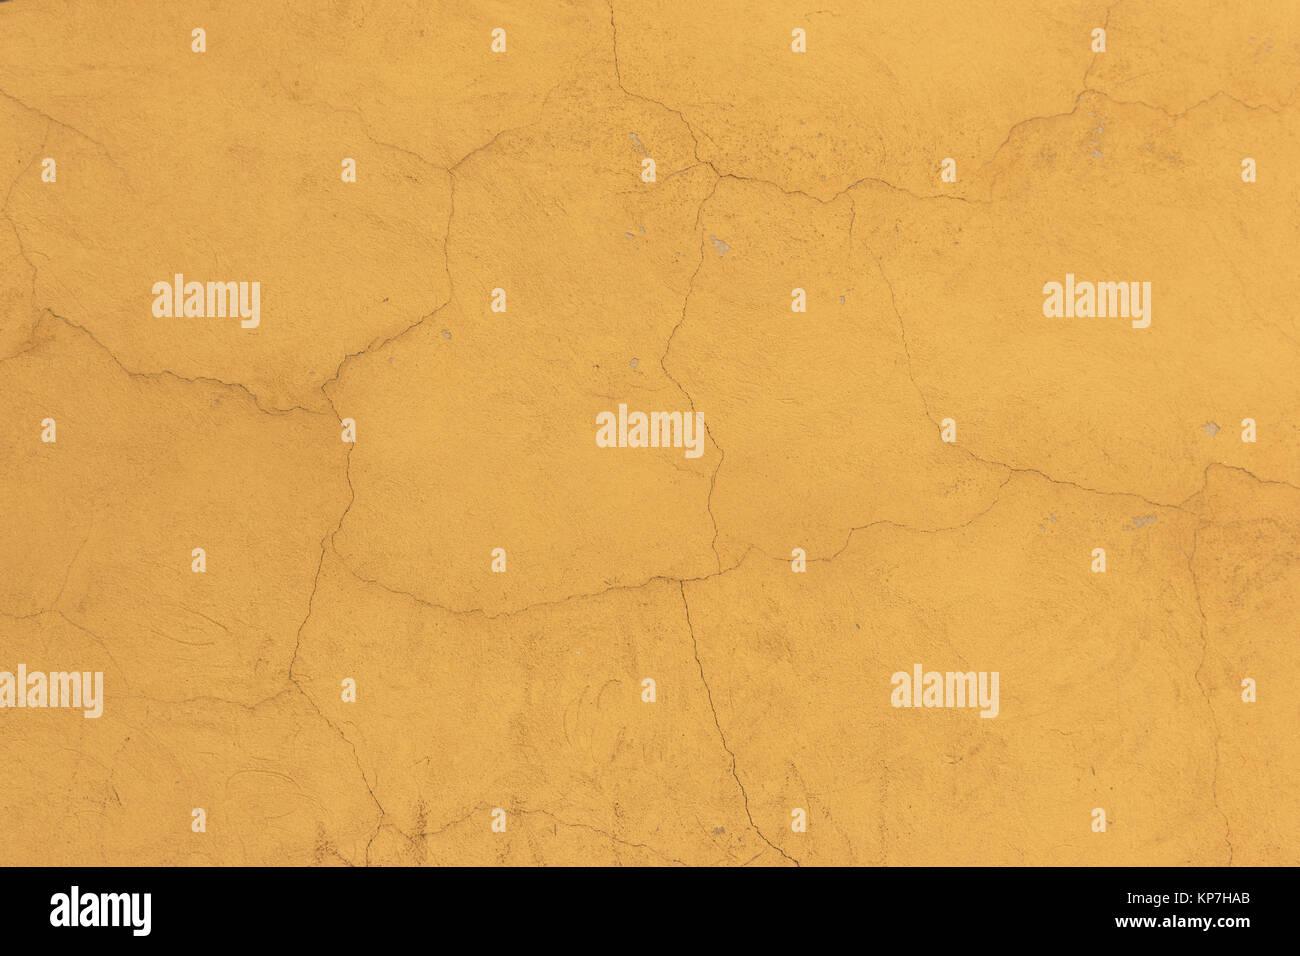 vieux mur jaune craquel comme texture papier peint ou d 39 arri re plan banque d 39 images photo. Black Bedroom Furniture Sets. Home Design Ideas